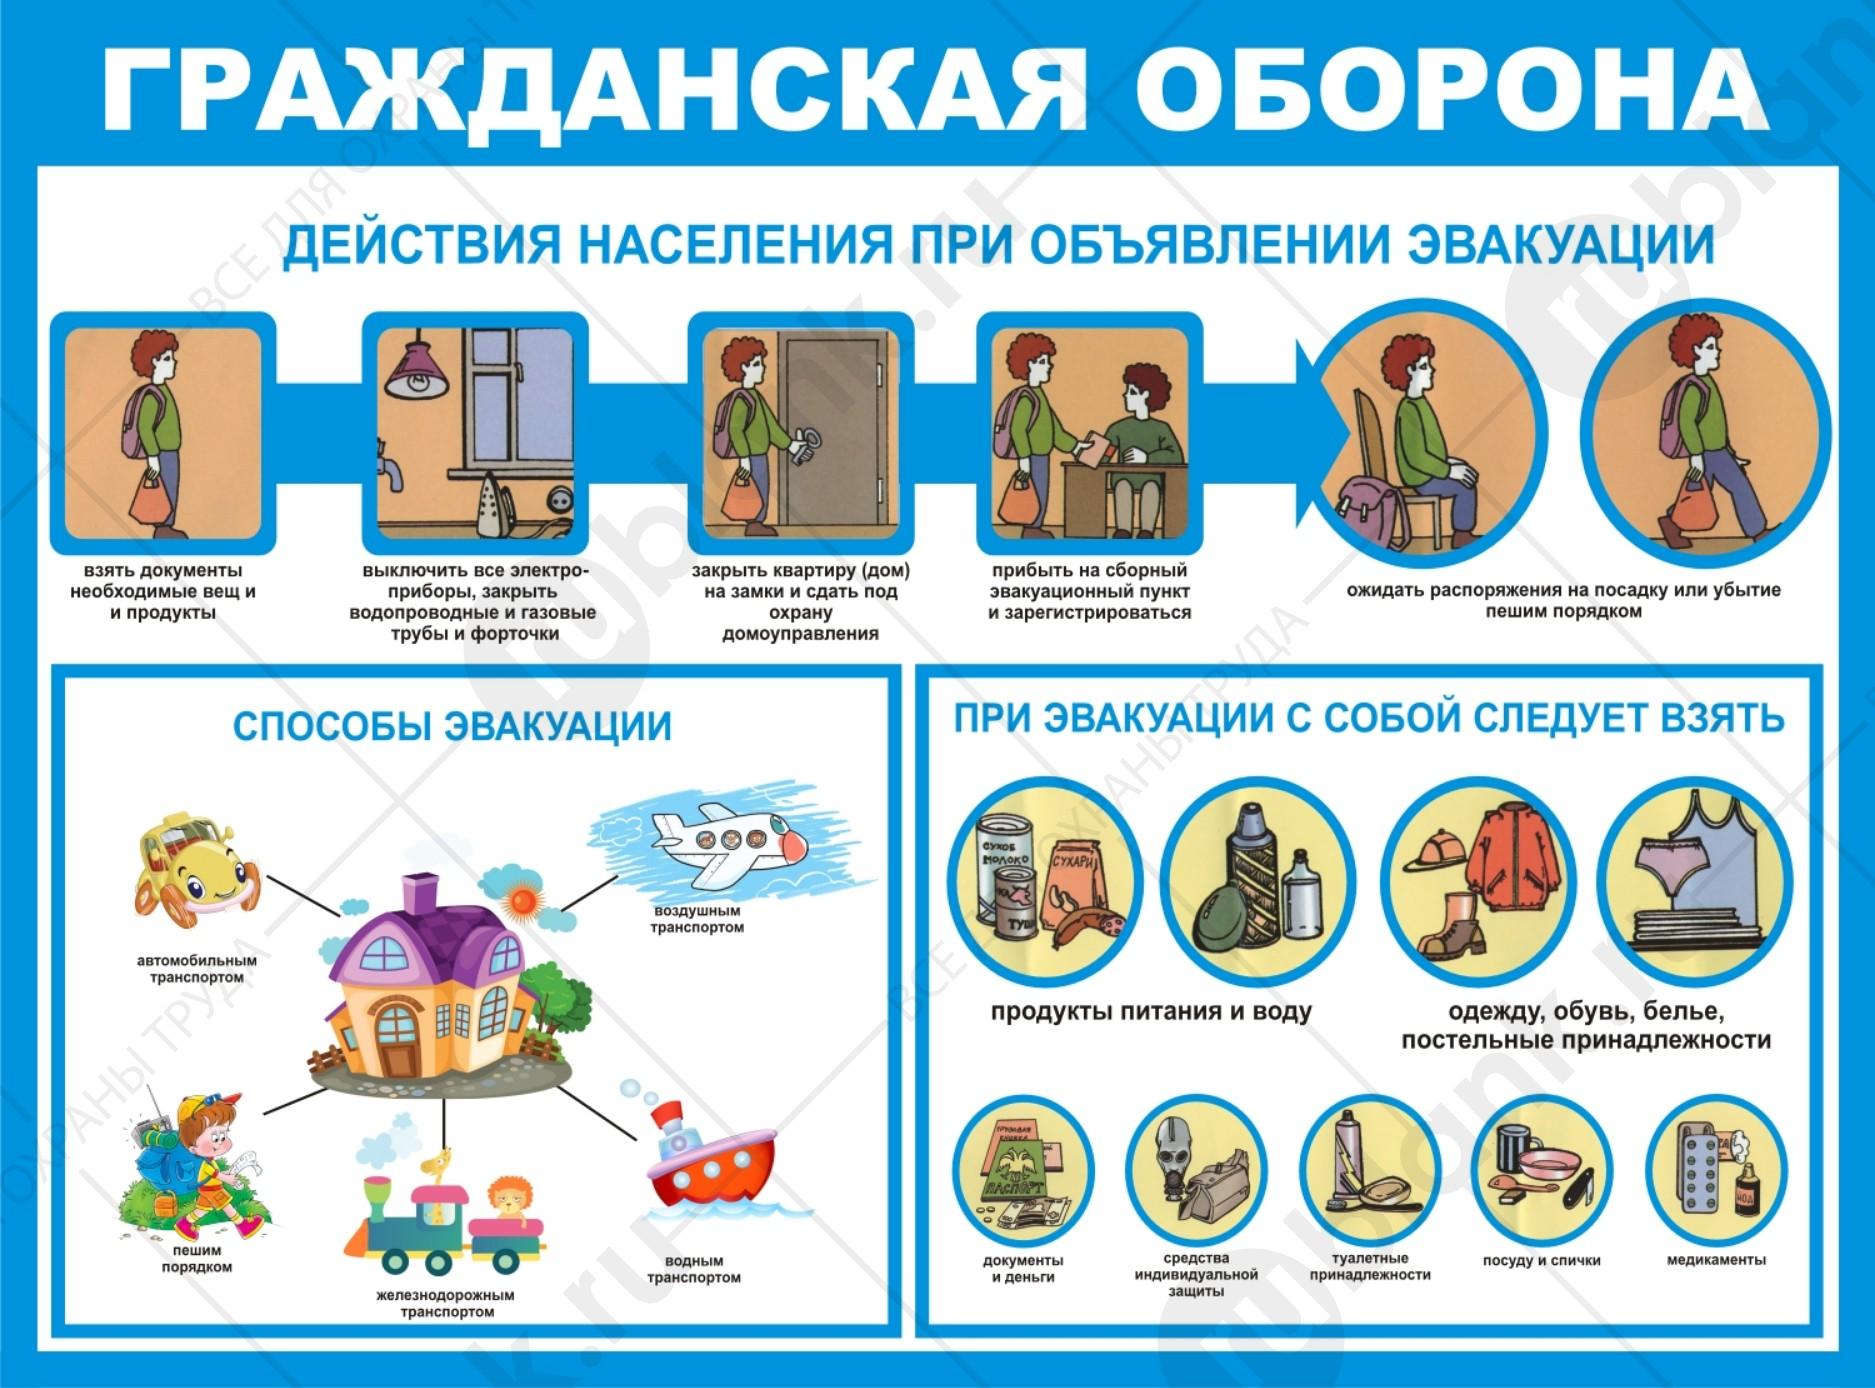 Плакат. Действия населения при объявлении эвакуации